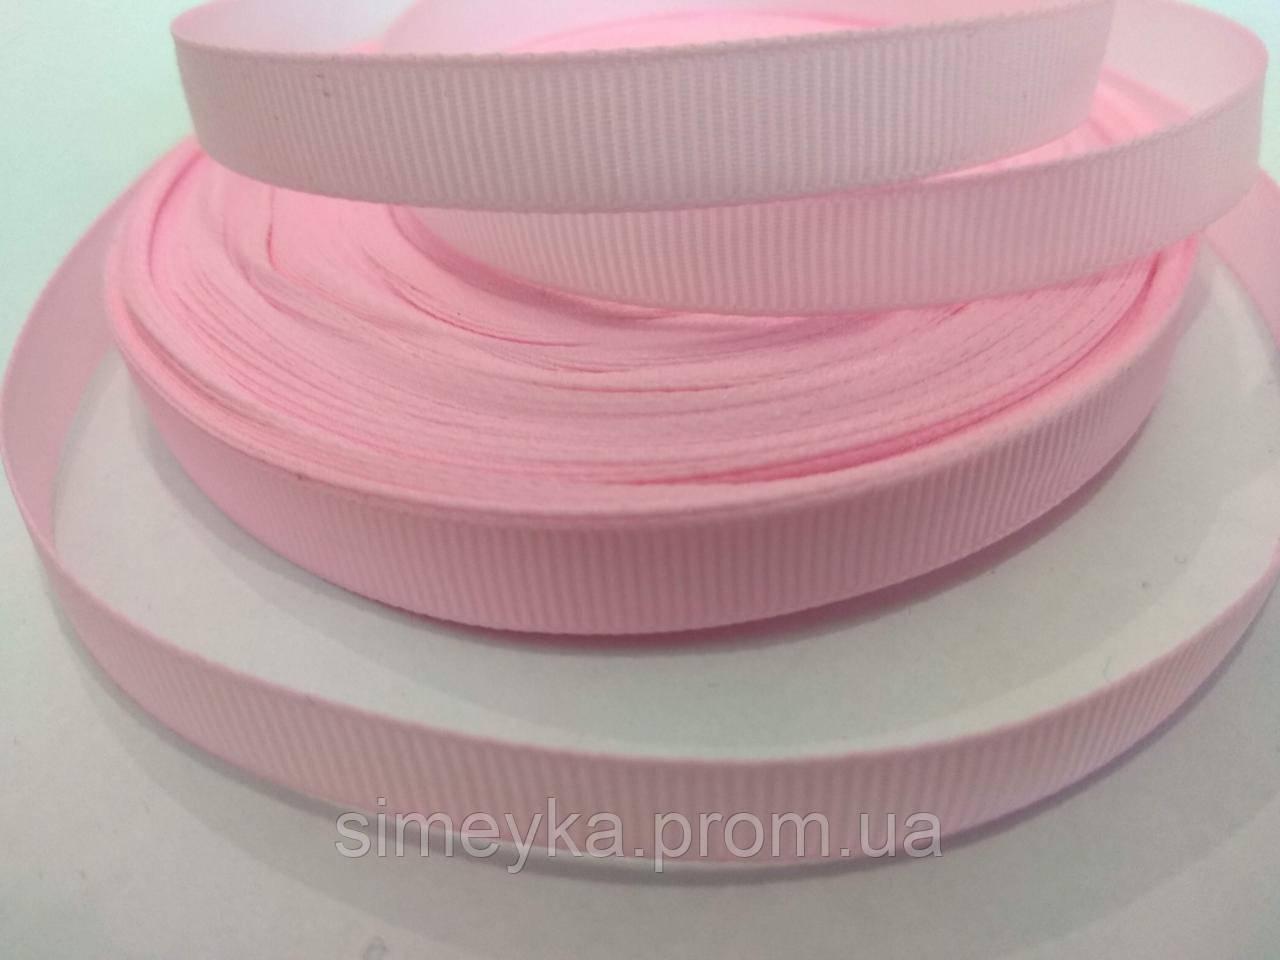 Лента репсовая 1 см. Нежно-розовая